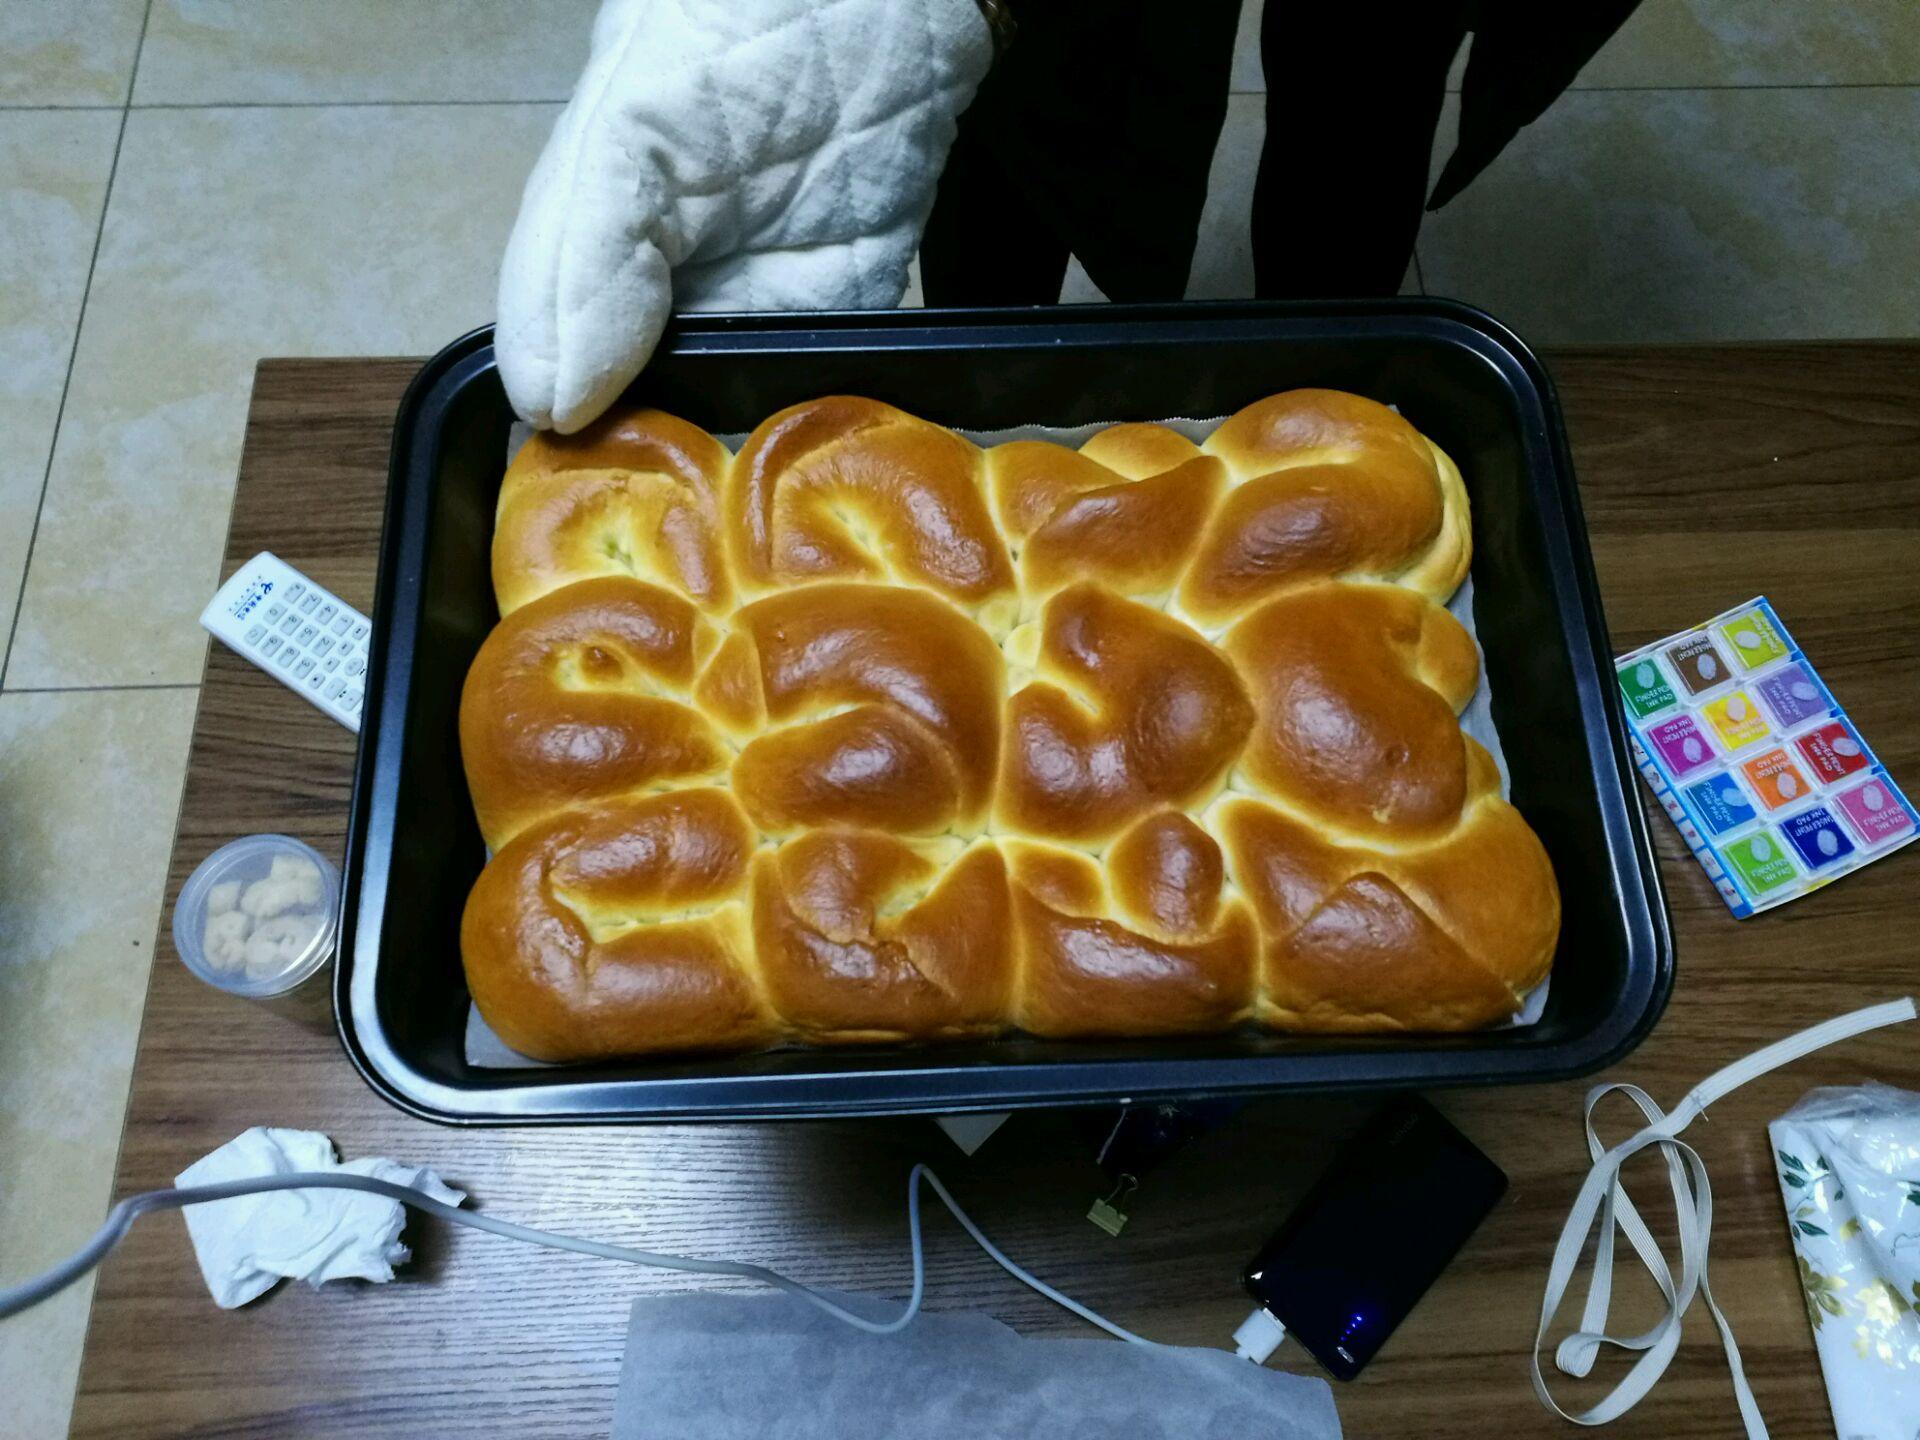 25ml 奶粉8克 水110ml 全蛋(刷面)适量 怪形小面包的做法步骤 1.